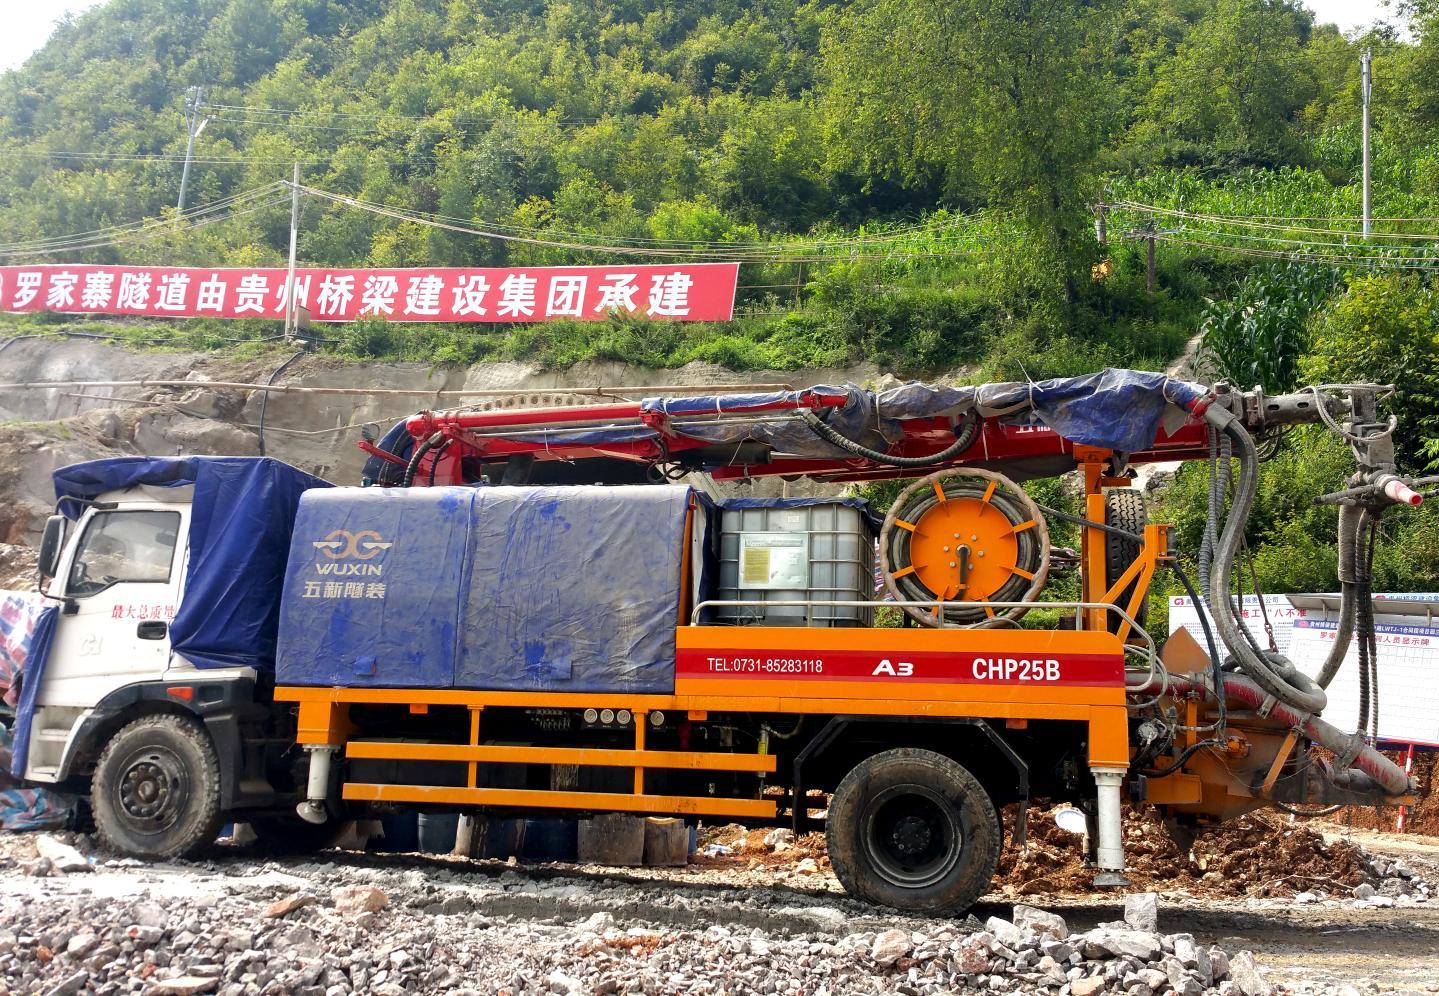 贵州桥梁建设集团六威高速罗家寨隧道